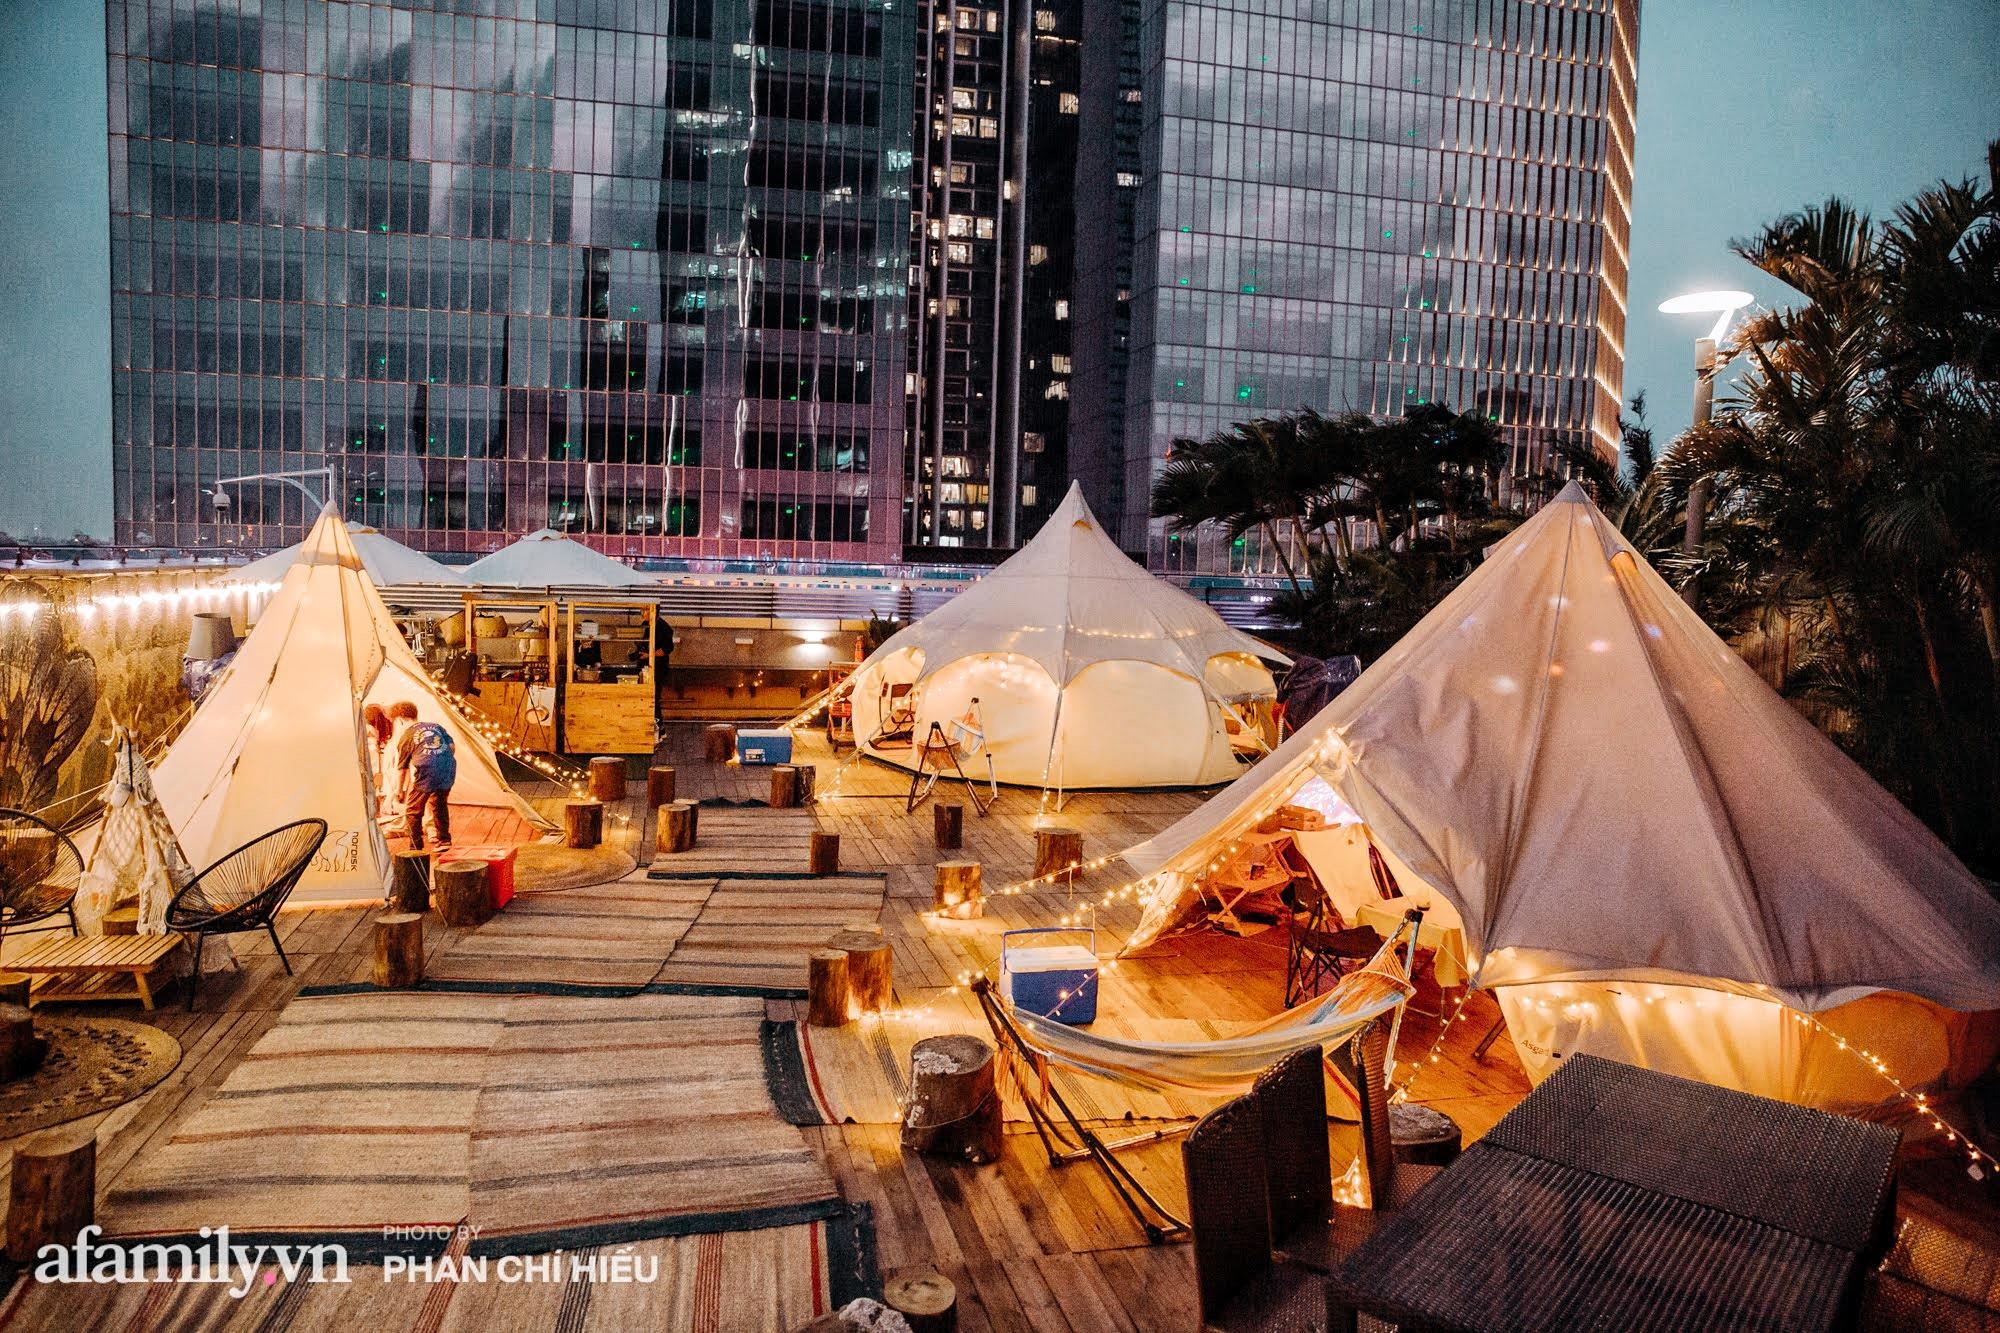 """Siêu Hot: Glamping - Cắm trại xa xỉ trên nóc tòa nhà cao nhất Hà Nội, một khung cảnh """"cam kết"""" đẹp hơn cả trên phim với 1 loạt trải nghiệm vô cùng thú vị dành cho cả gia đình - Ảnh 14."""